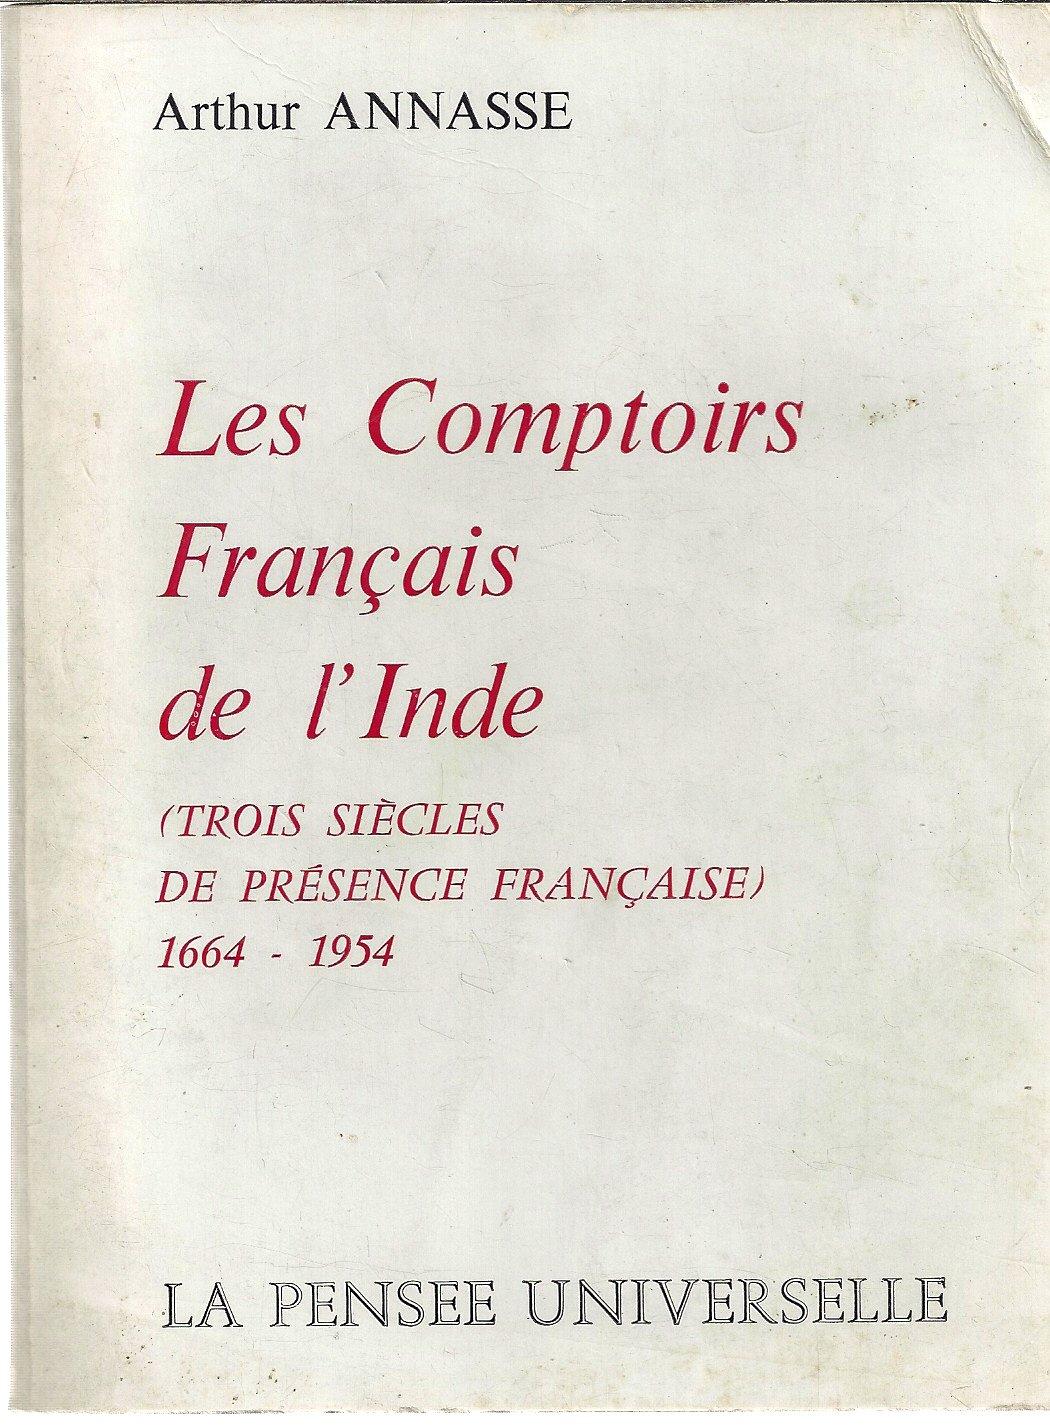 Les Comptoirs Français De Linde 1664 1954 Trois Siècles De